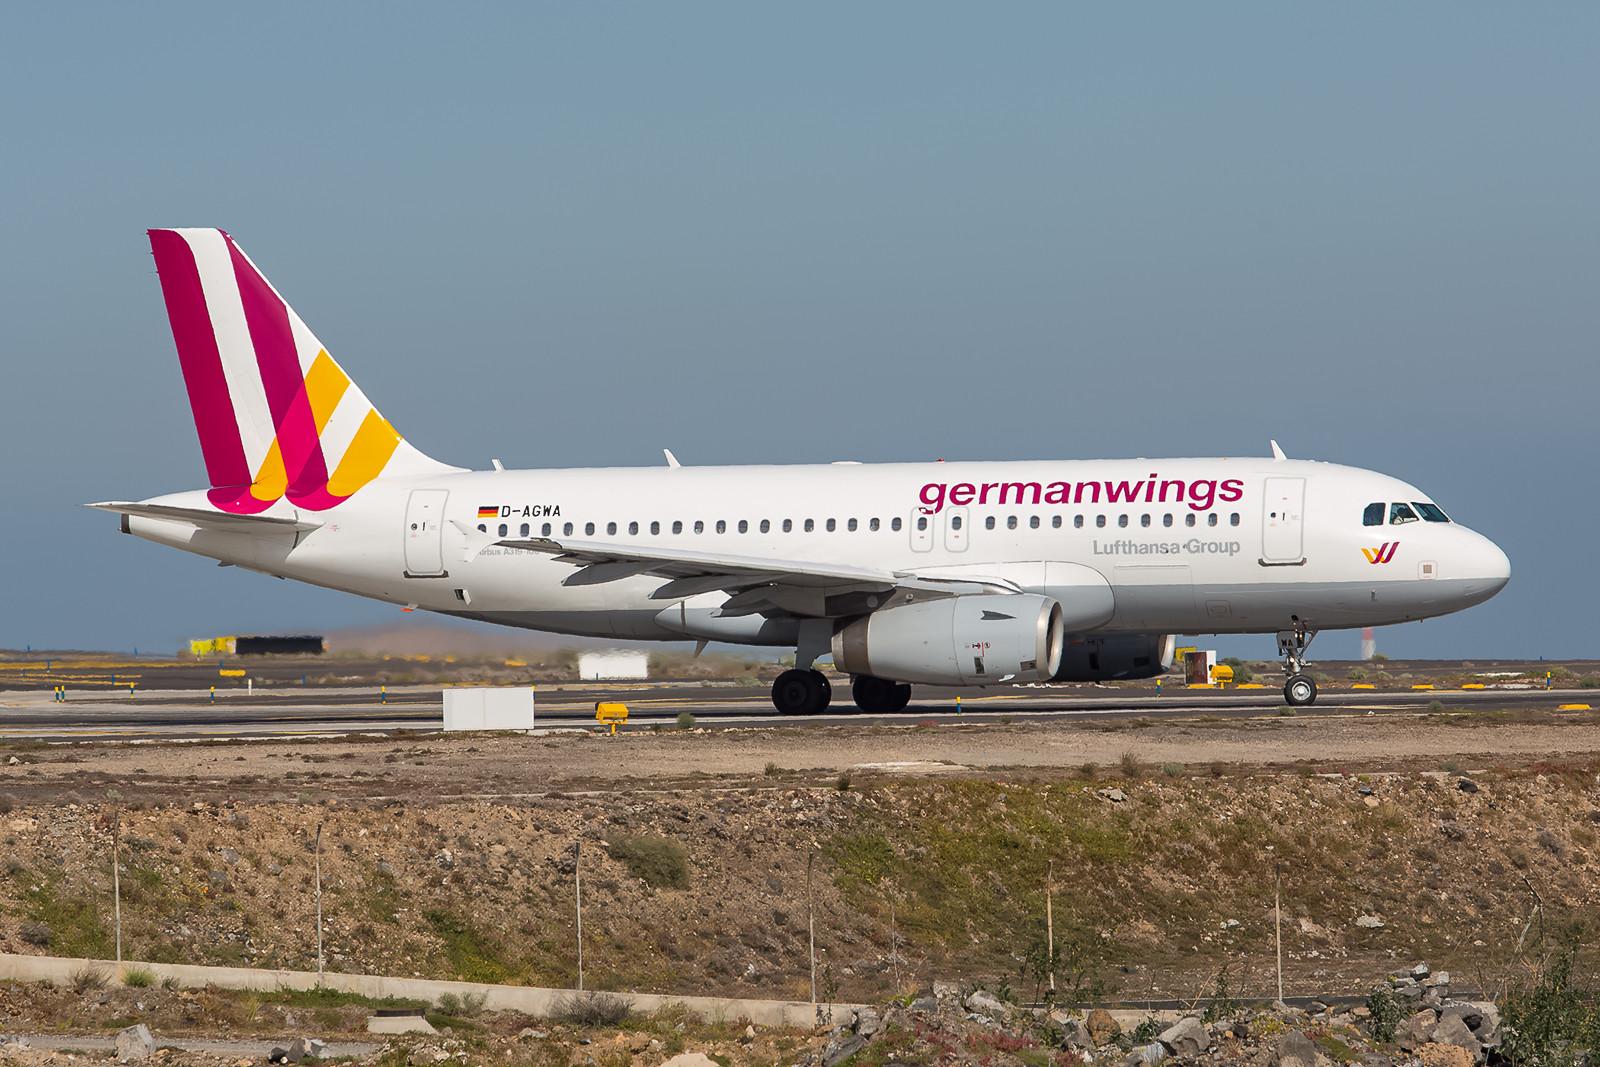 Seit 2006 fliegt die D-AGWA, ein Airbus 319-132, schon bei Germanwings.